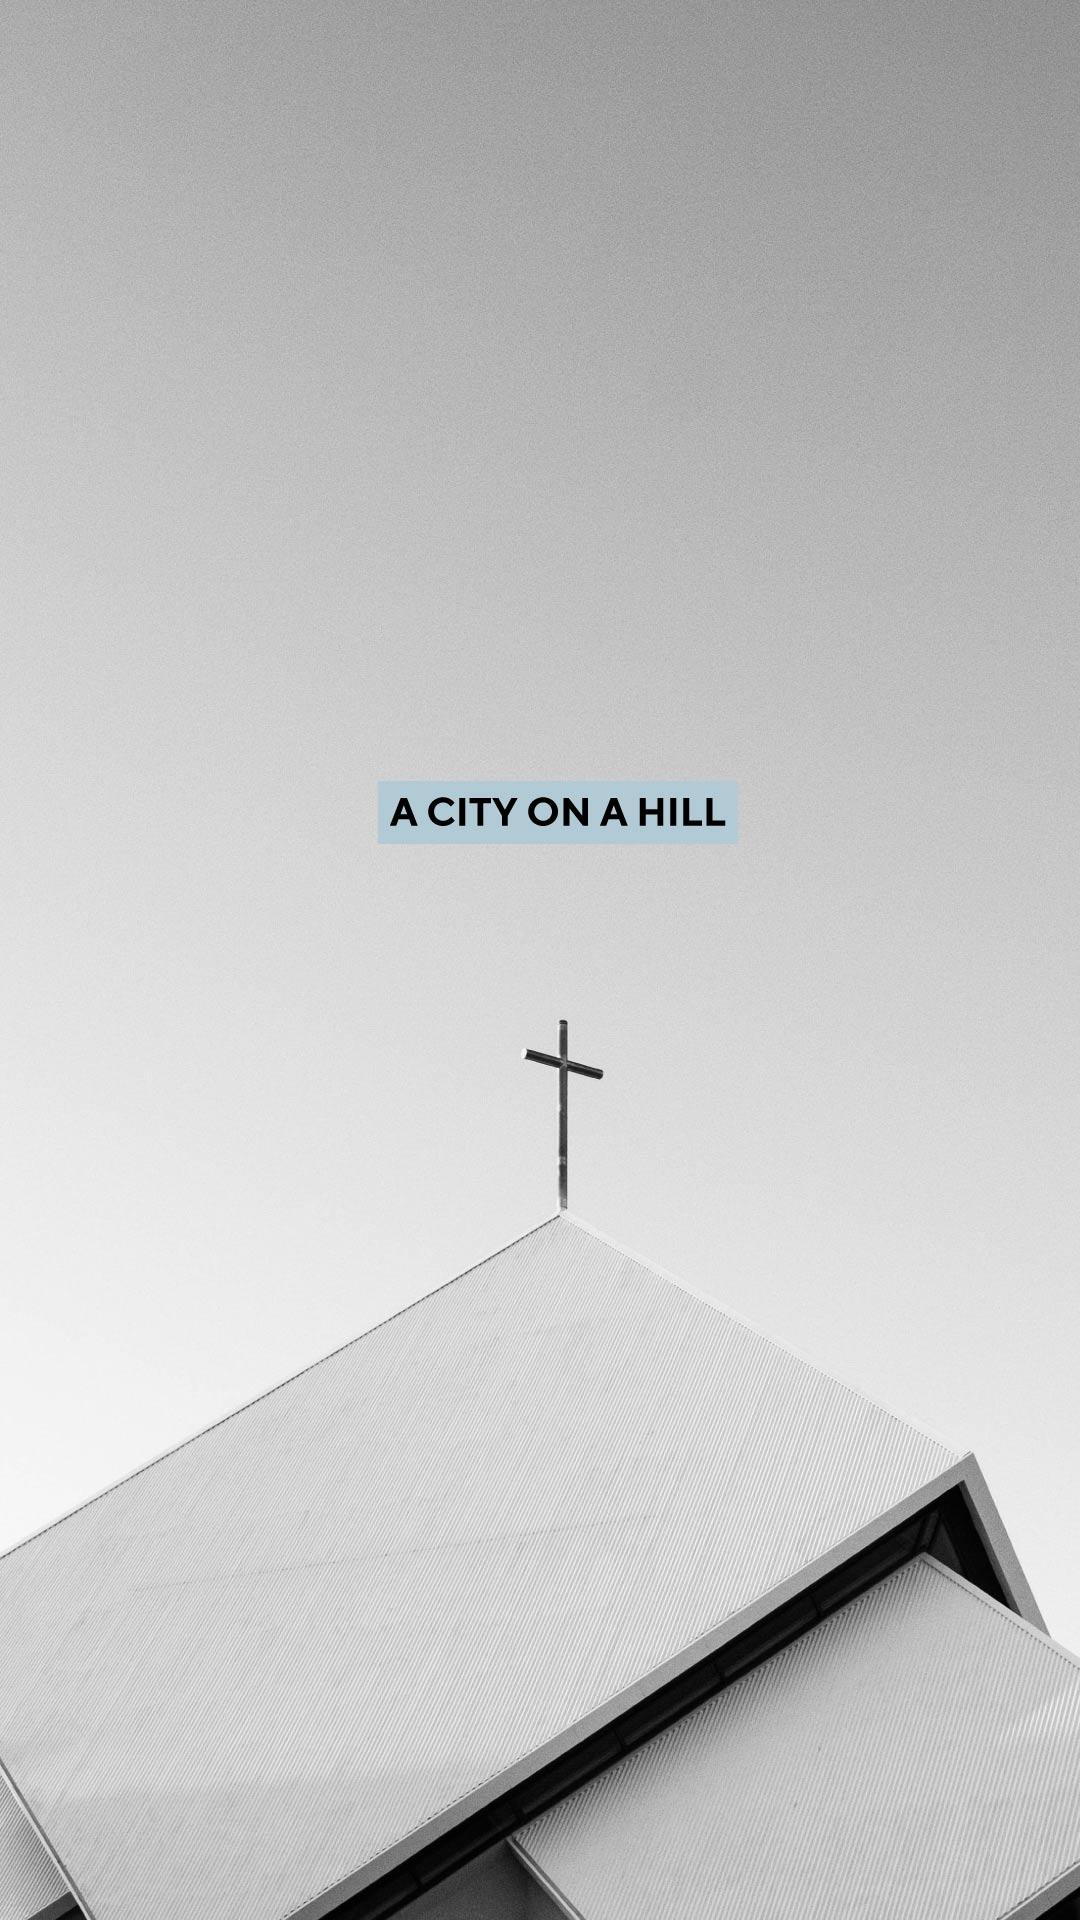 light-city_a-city-on-a-hill